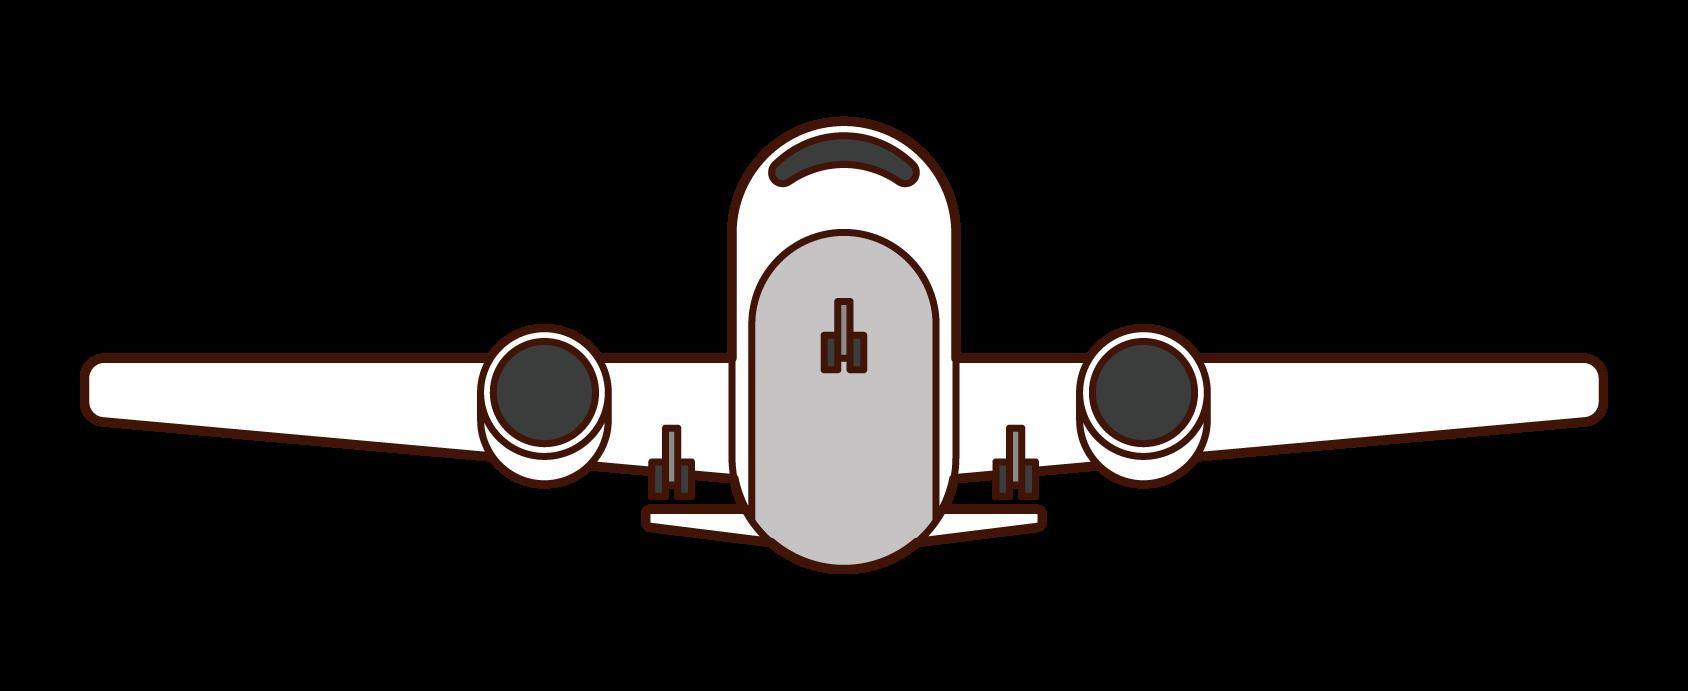 正面から見た飛行機のイラスト